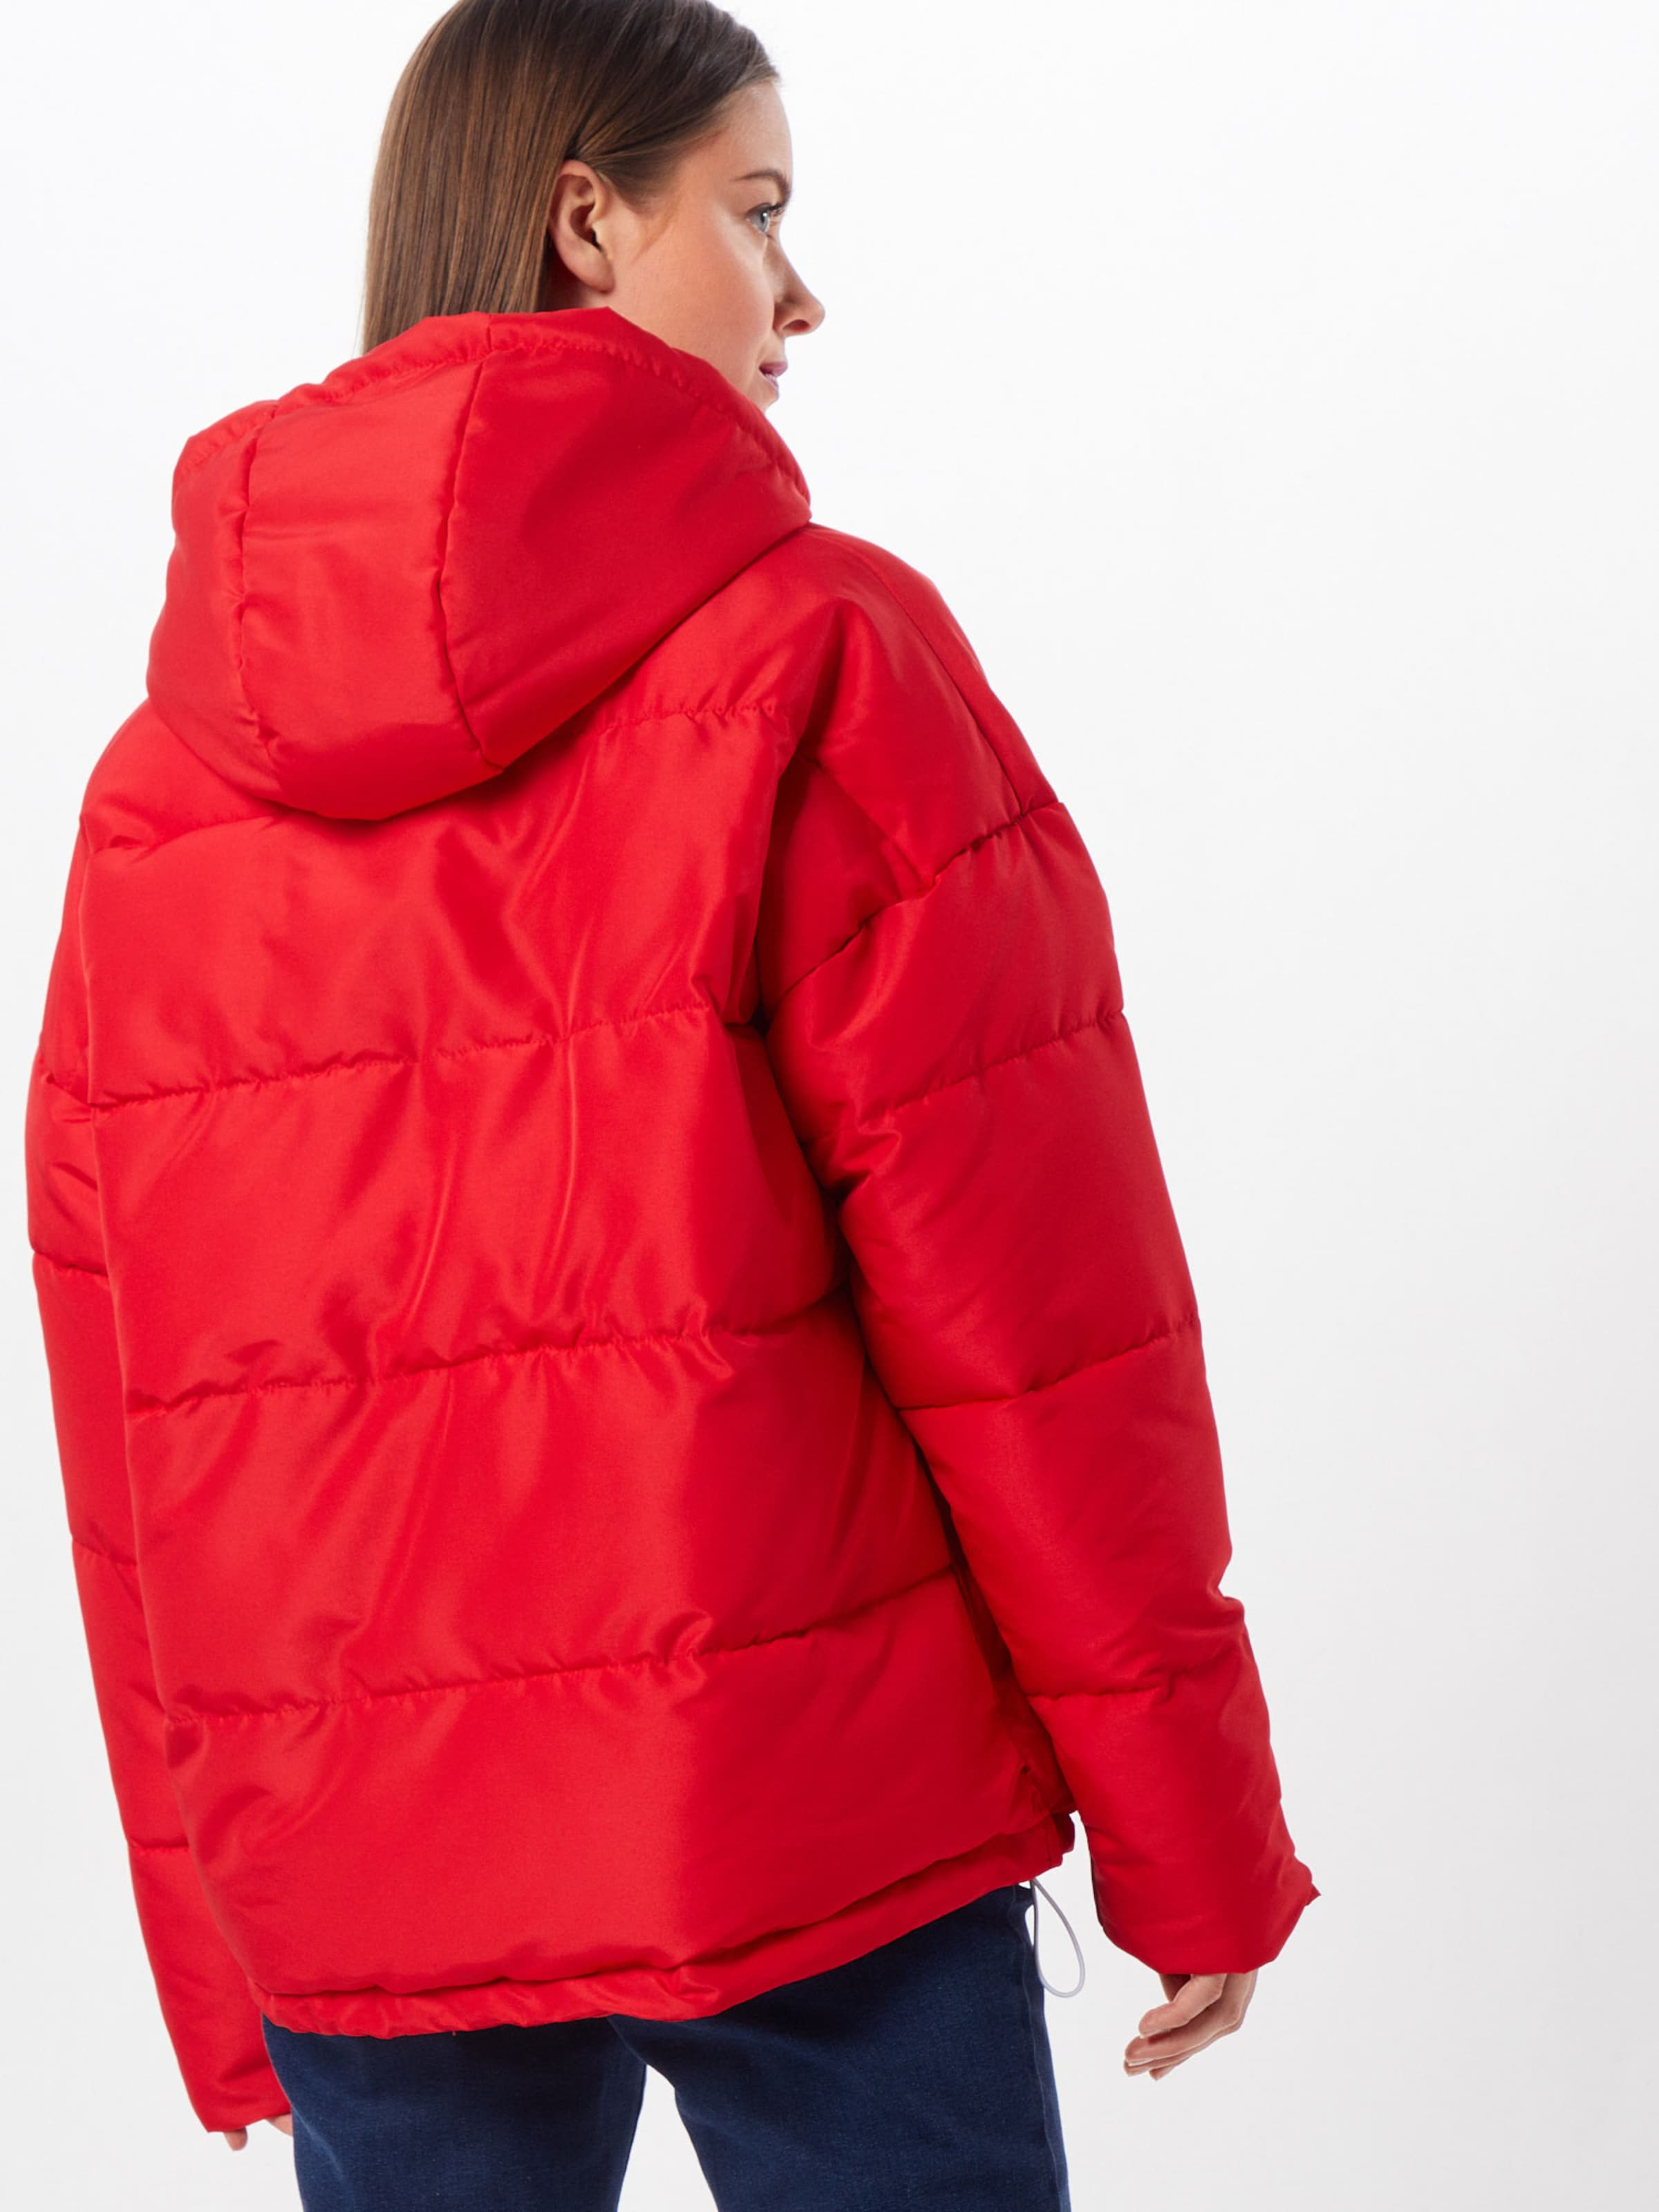 Rot Rot Ellesse Ellesse 'pejo' Jacke 'pejo' In Ellesse Jacke 'pejo' In Jacke jL43R5A